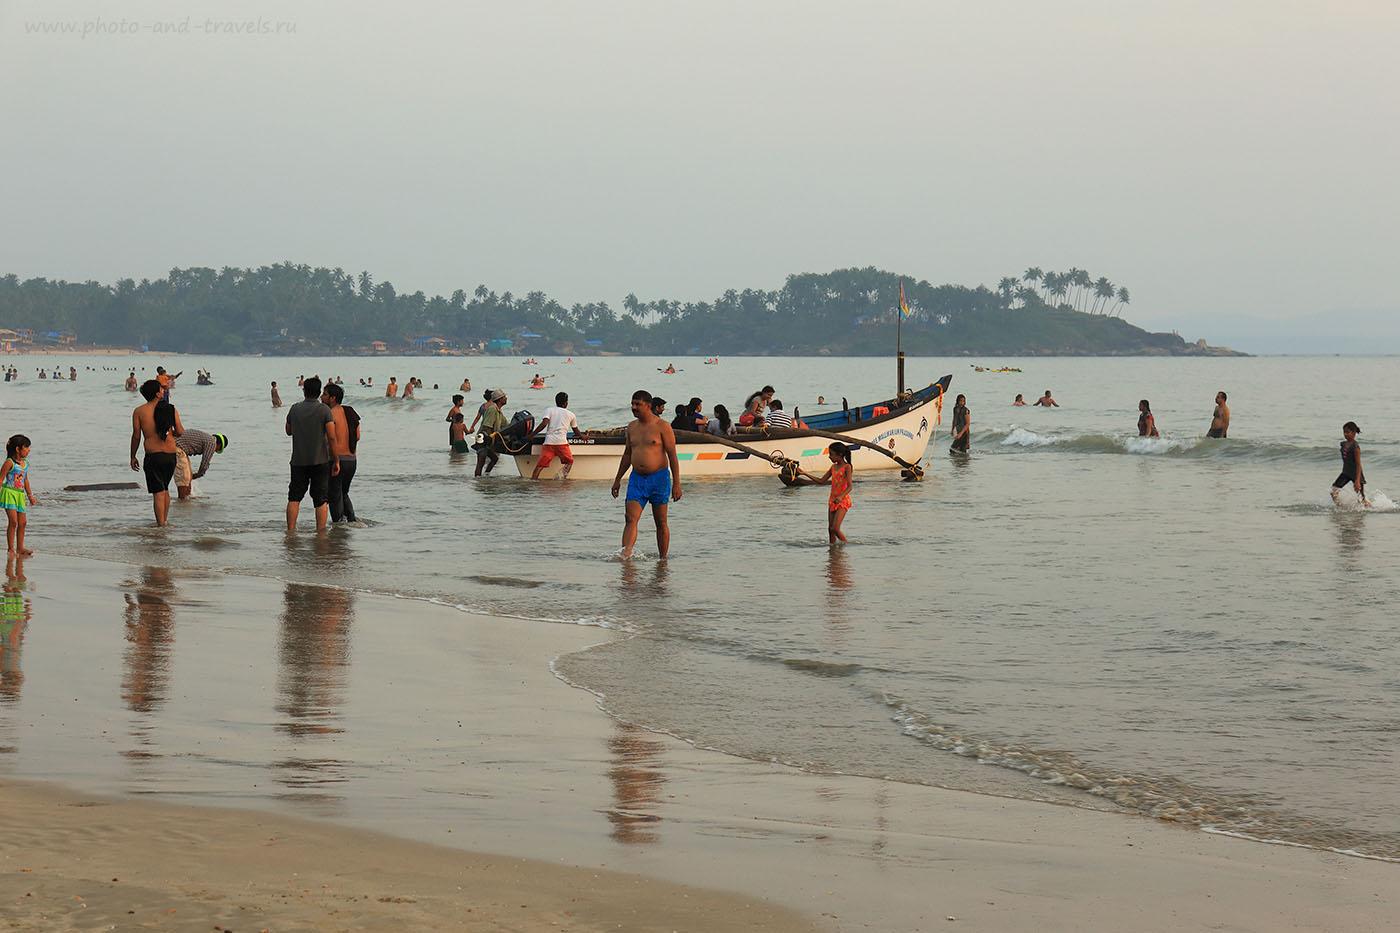 Фото 8. Непривычно видеть индийцев, спокойно купающихся в море. Отчет о самостоятельном отдыхе на Гоа в октябре. В Индии только начинается сезон пляжного отдыха. (24-70, 1/100, 0eV, f8/ 70mm, ISO 100)